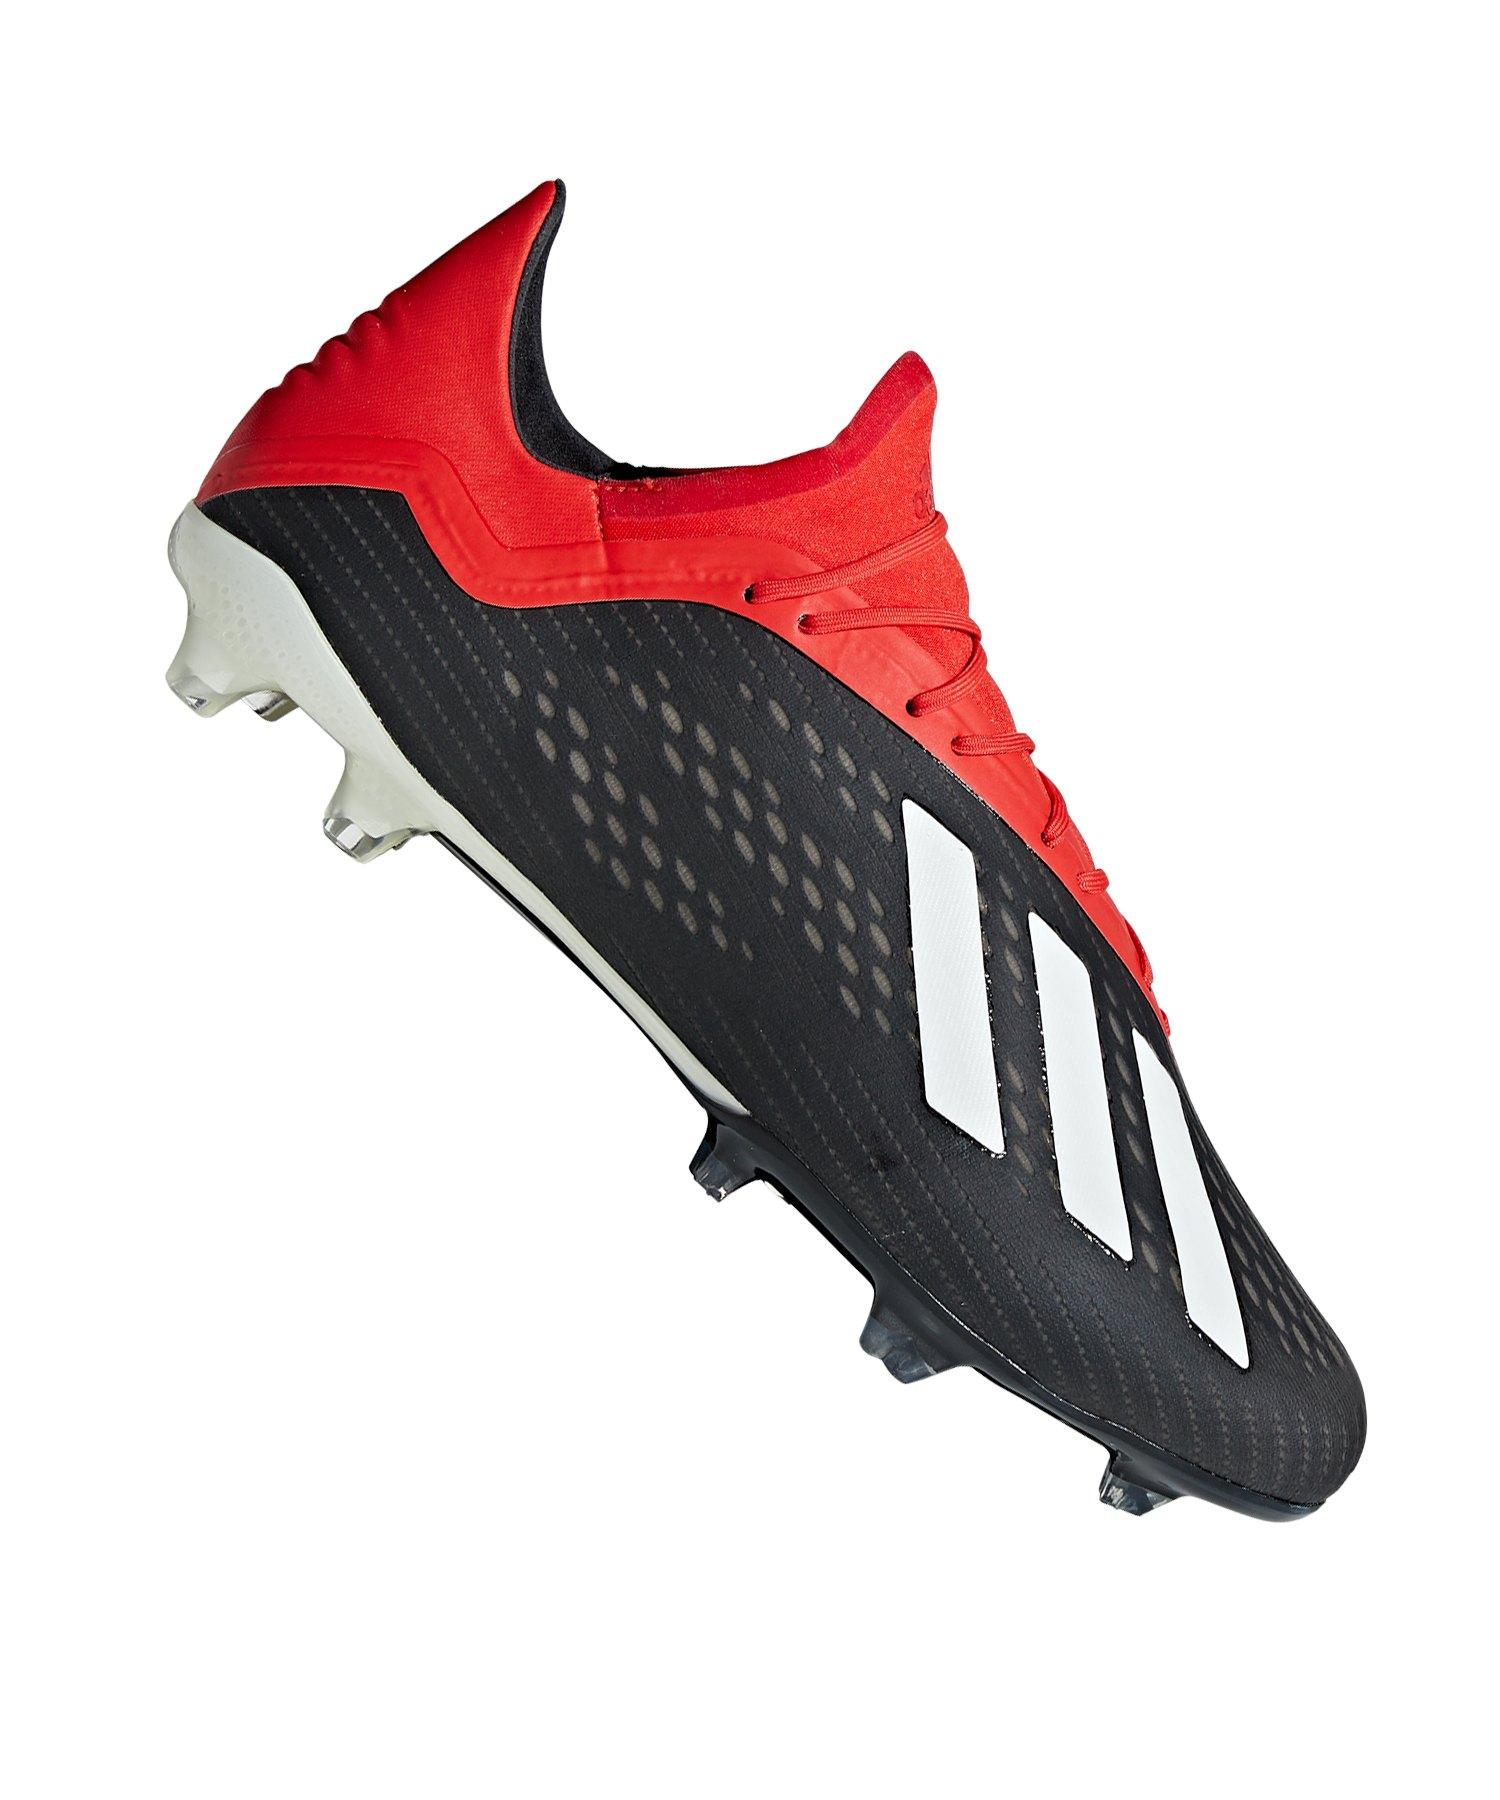 adidas X 18.2 FG Schwarz Rot - schwarz